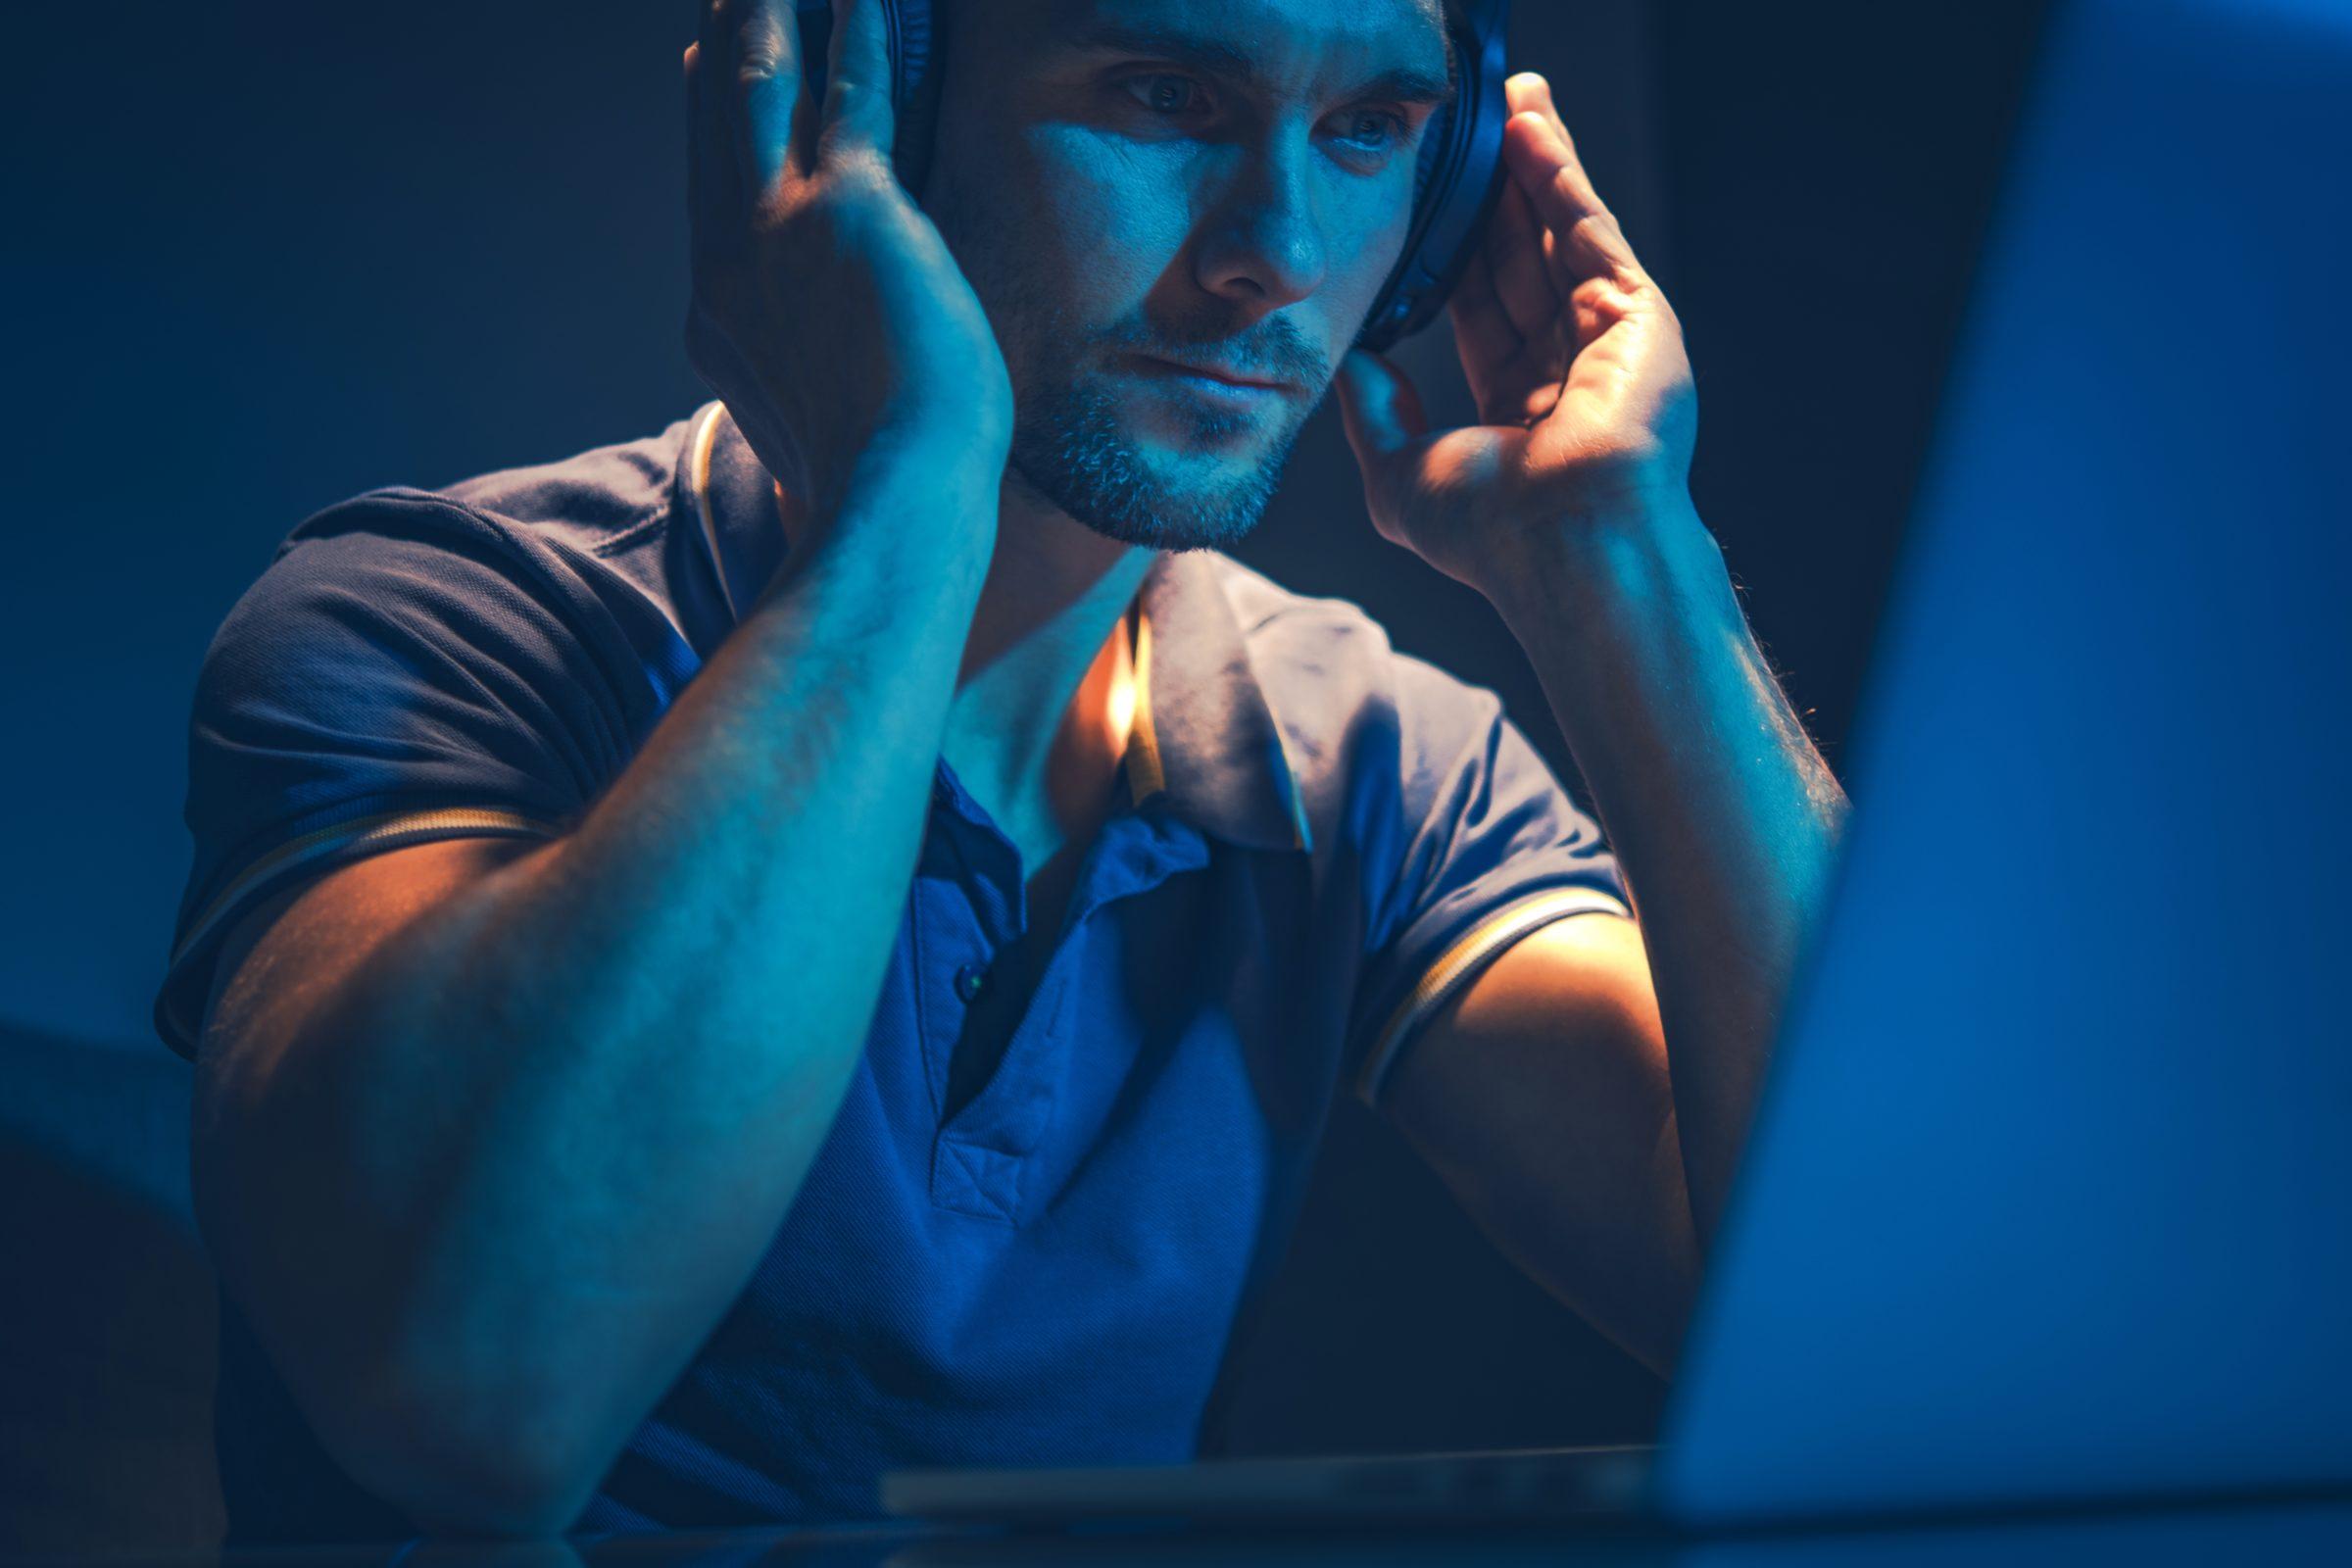 music mastering job VHURZ6S